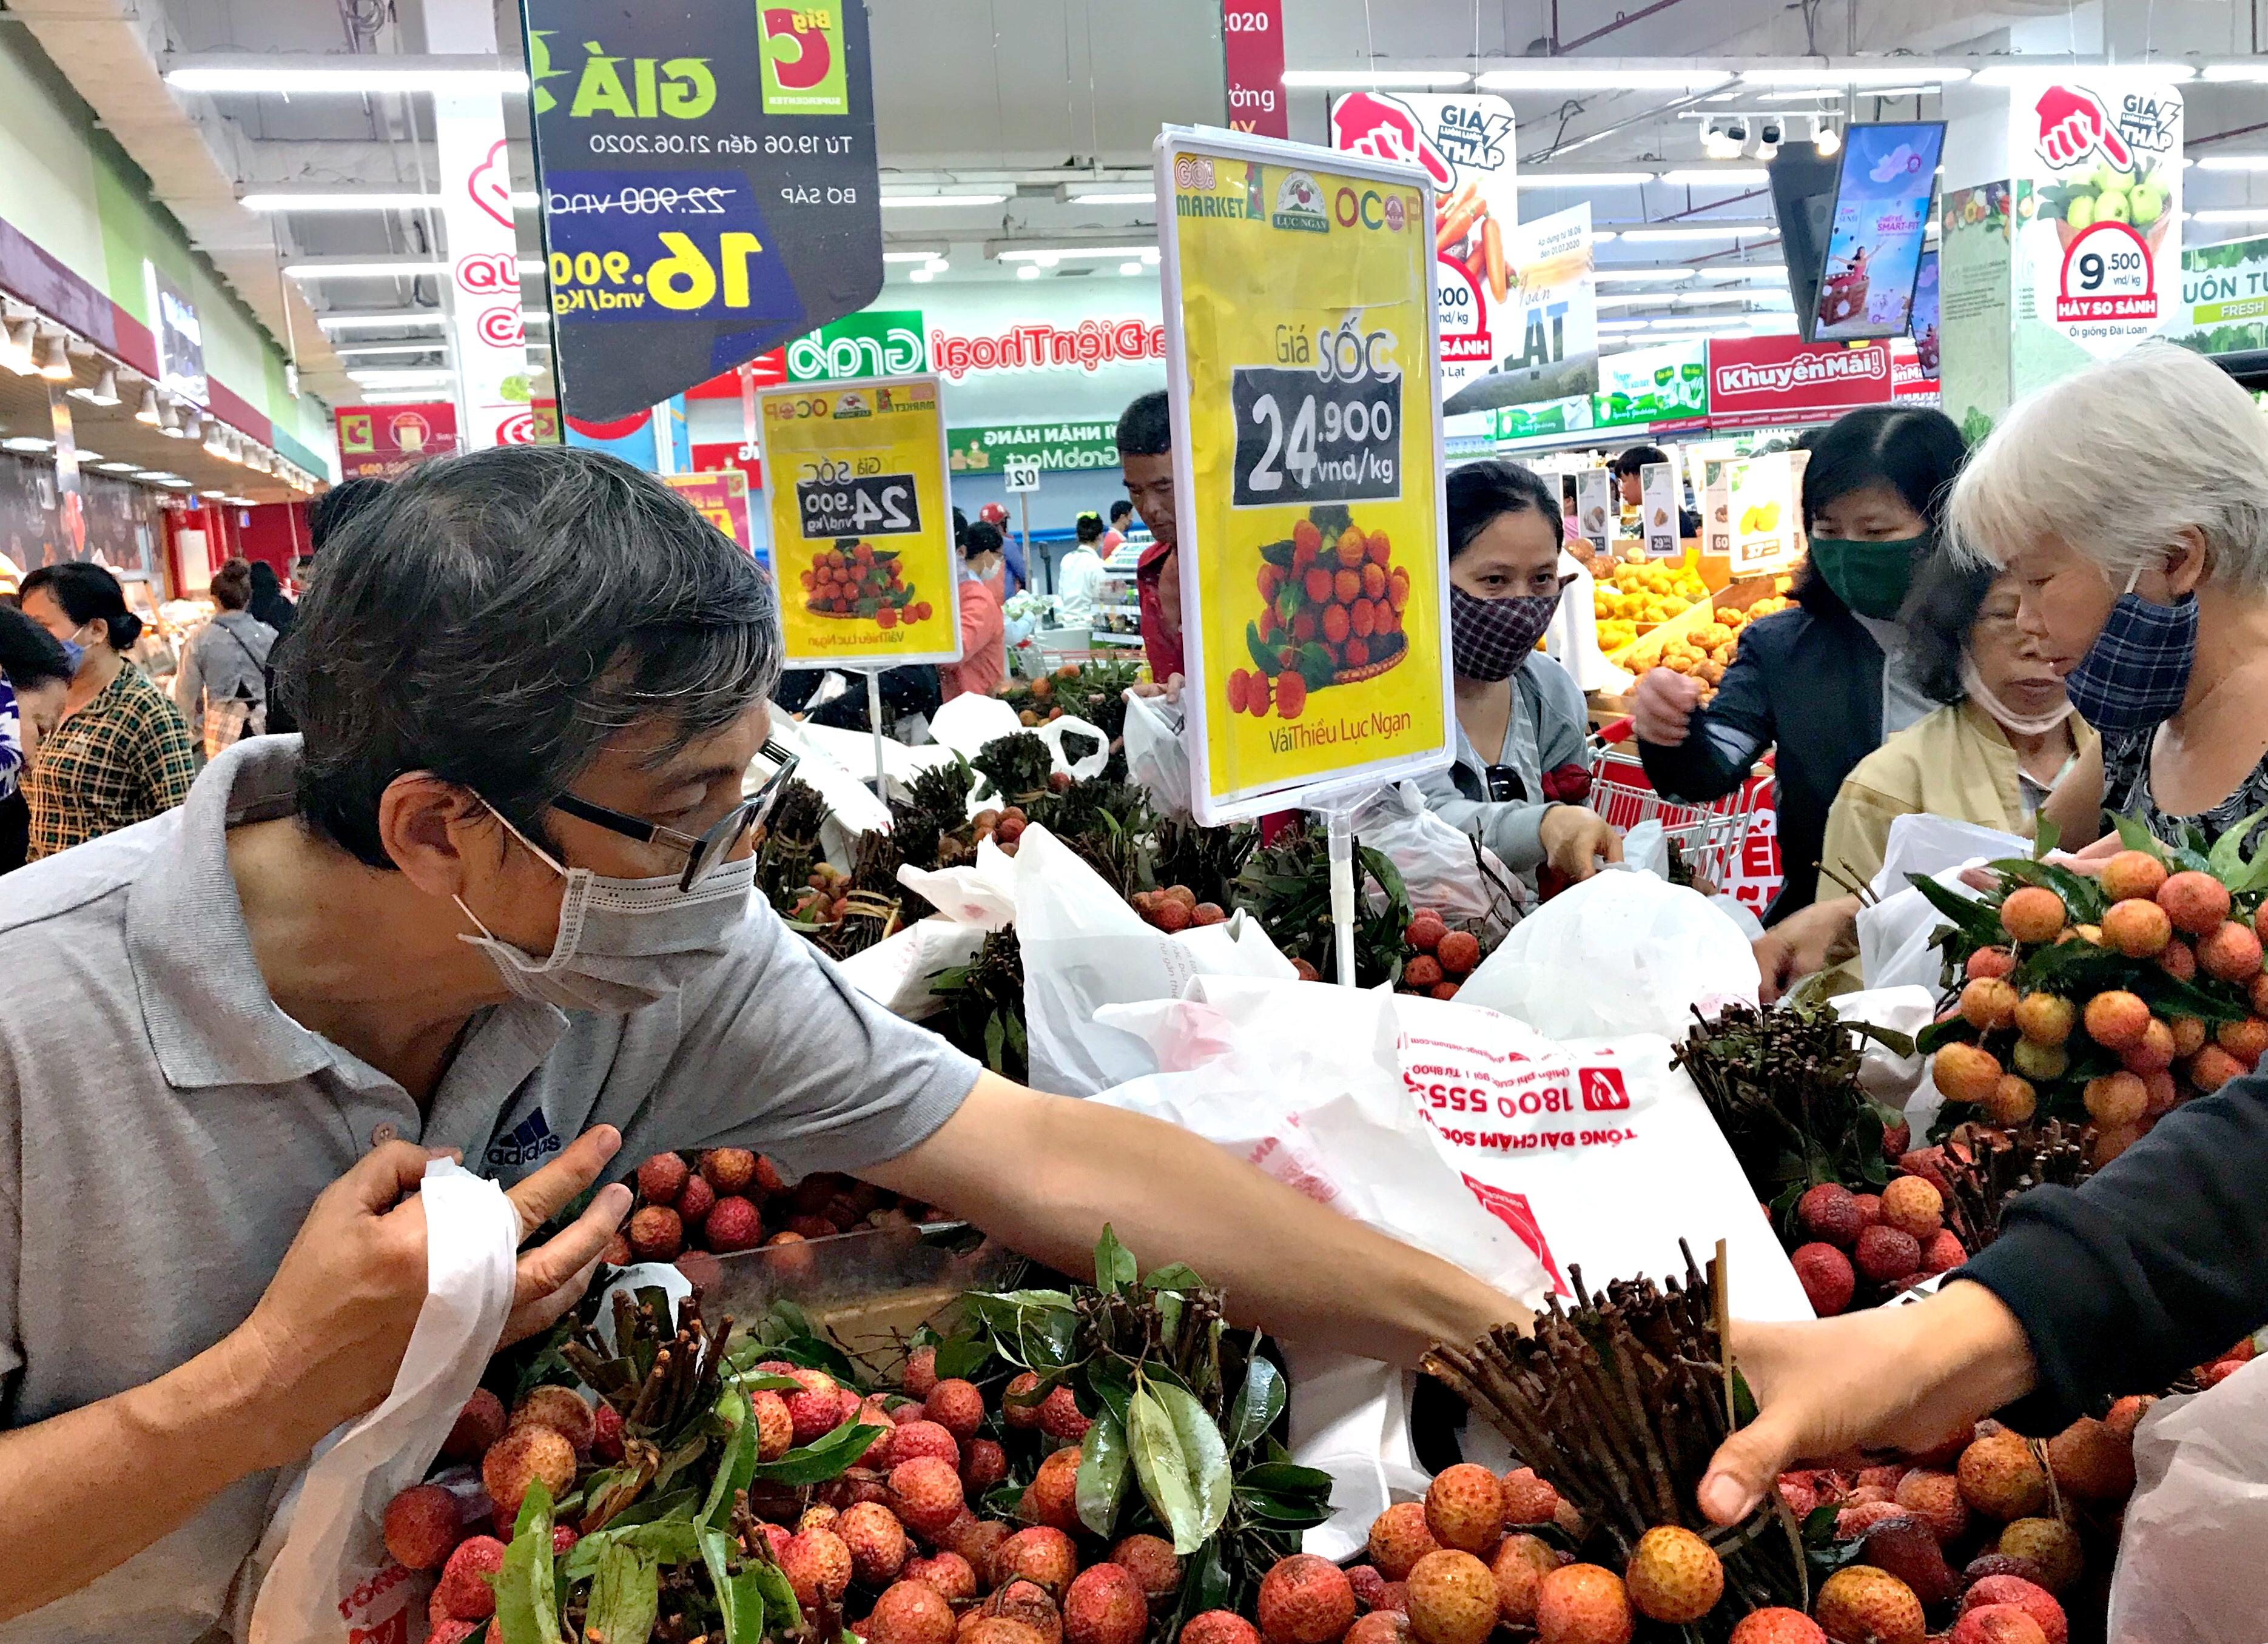 Vải thiều Việt Nam lên kệ 250 siêu thị Nhật Bản, giá đến 500.000 đồng/kg - Ảnh 2.